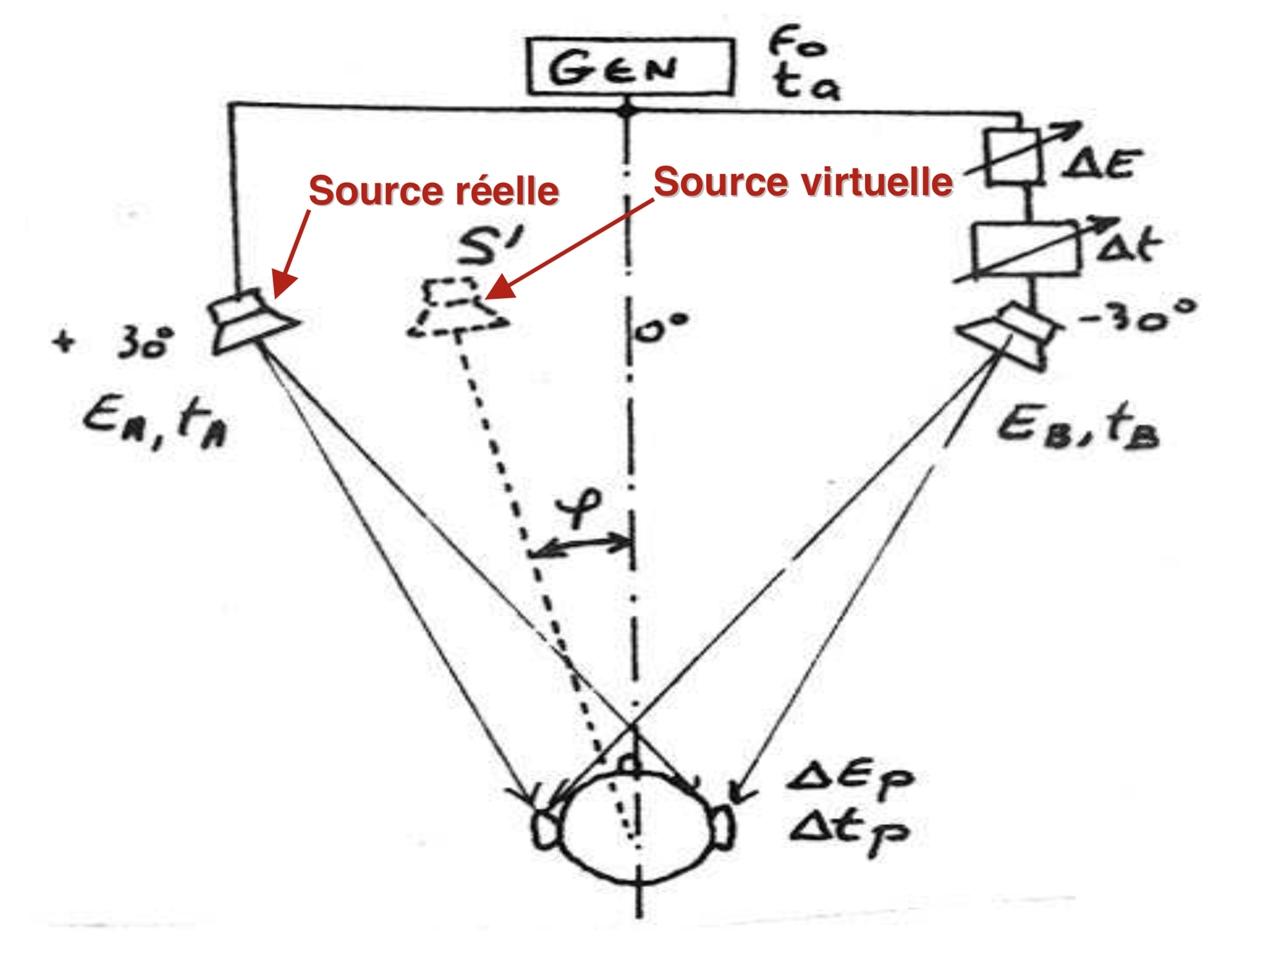 Source réelle et virtuelle